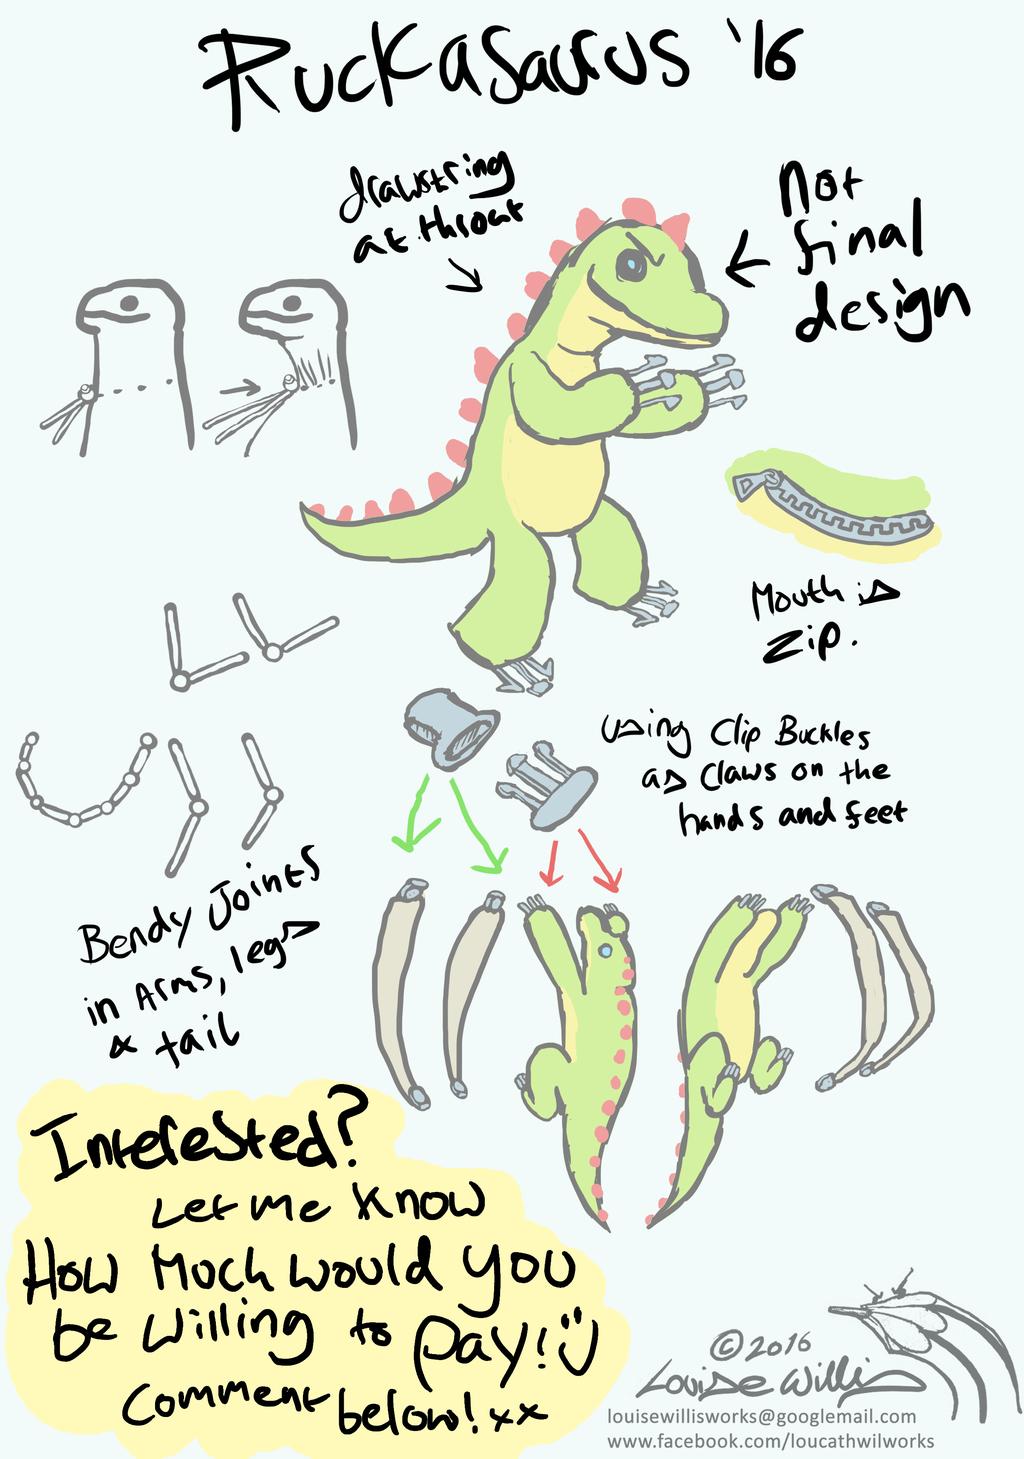 Ruckasaurus '16